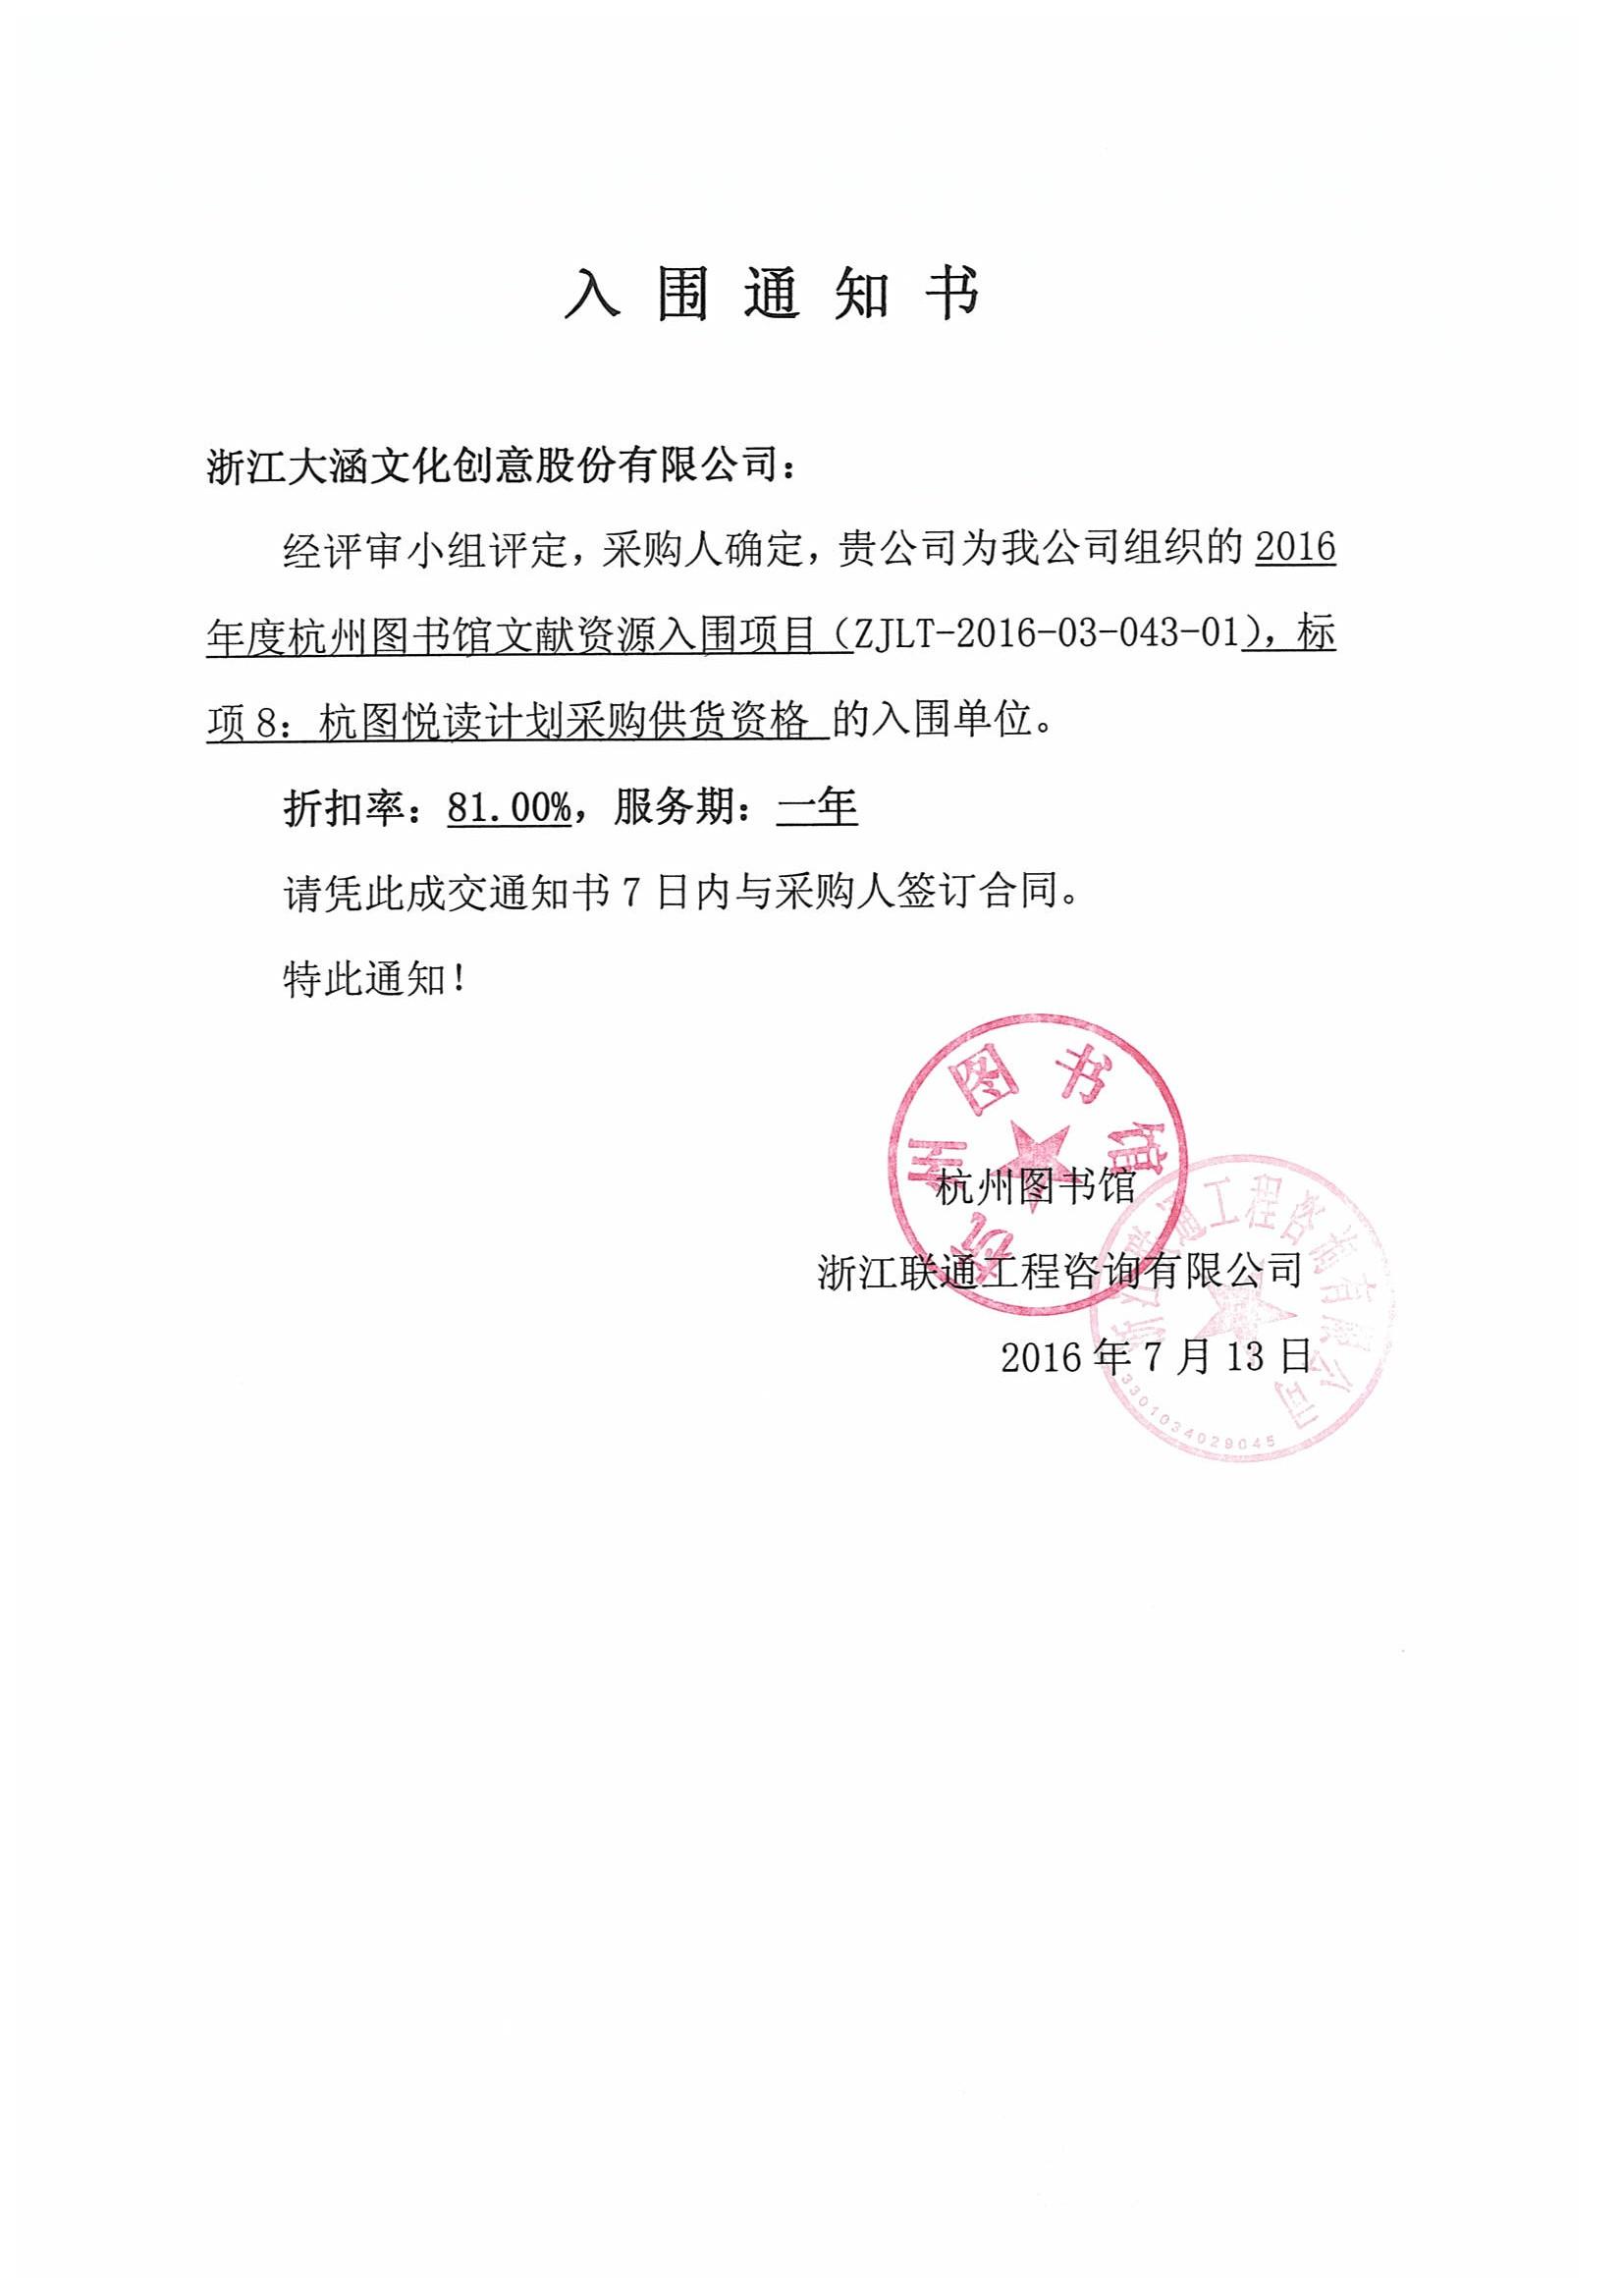 2016年杭州图书馆入围通知书、标项一、标项八